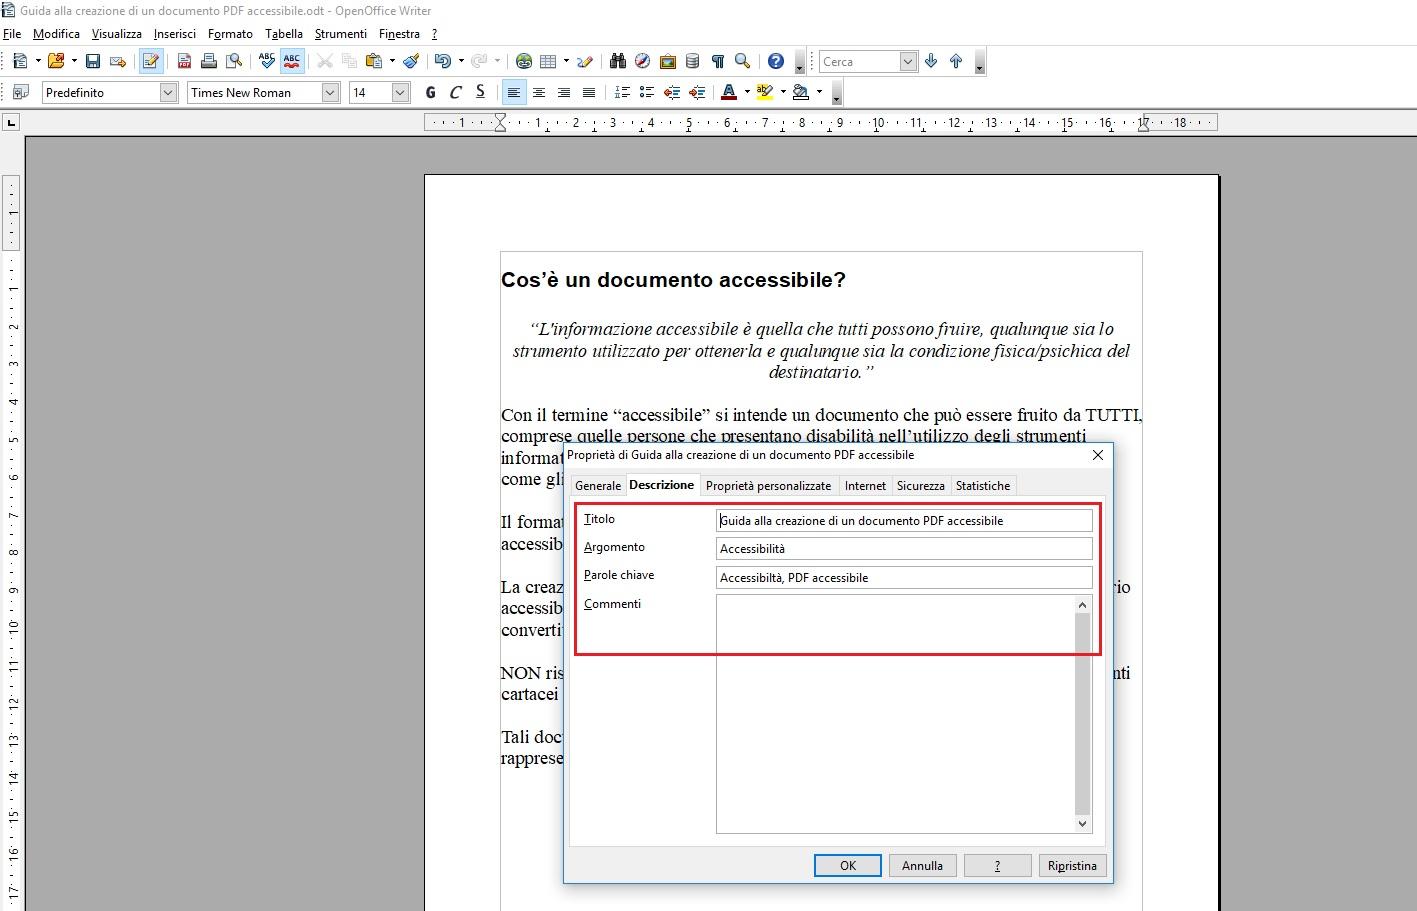 Questa immagine mostra come aggiungere le proprietà al documento se si utilizza OpenOffice Writer